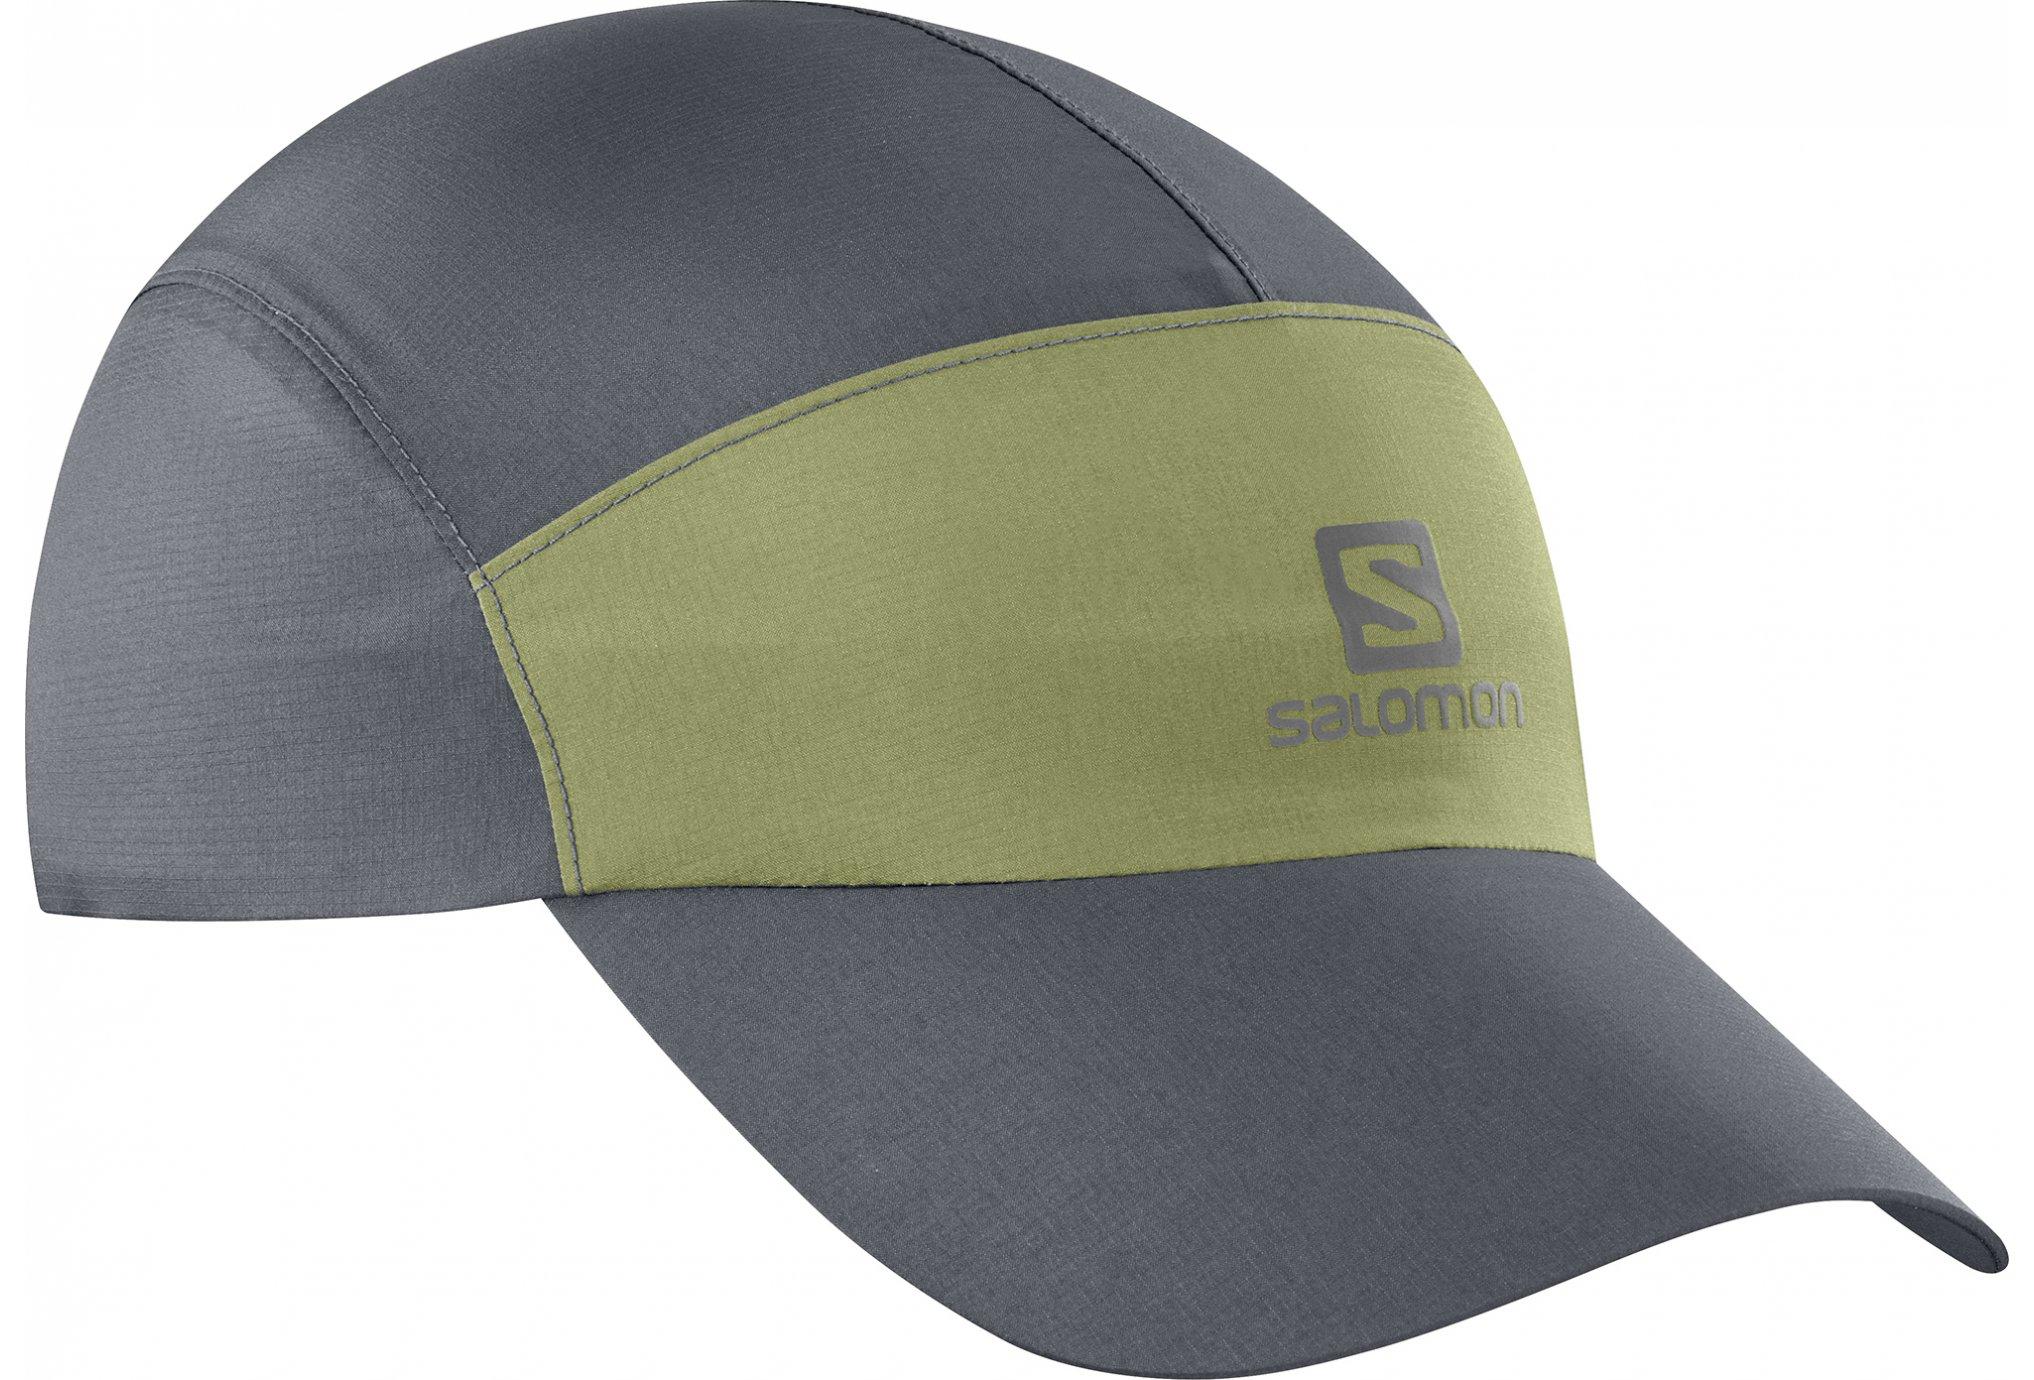 Salomon Waterproof Casquettes / bandeaux